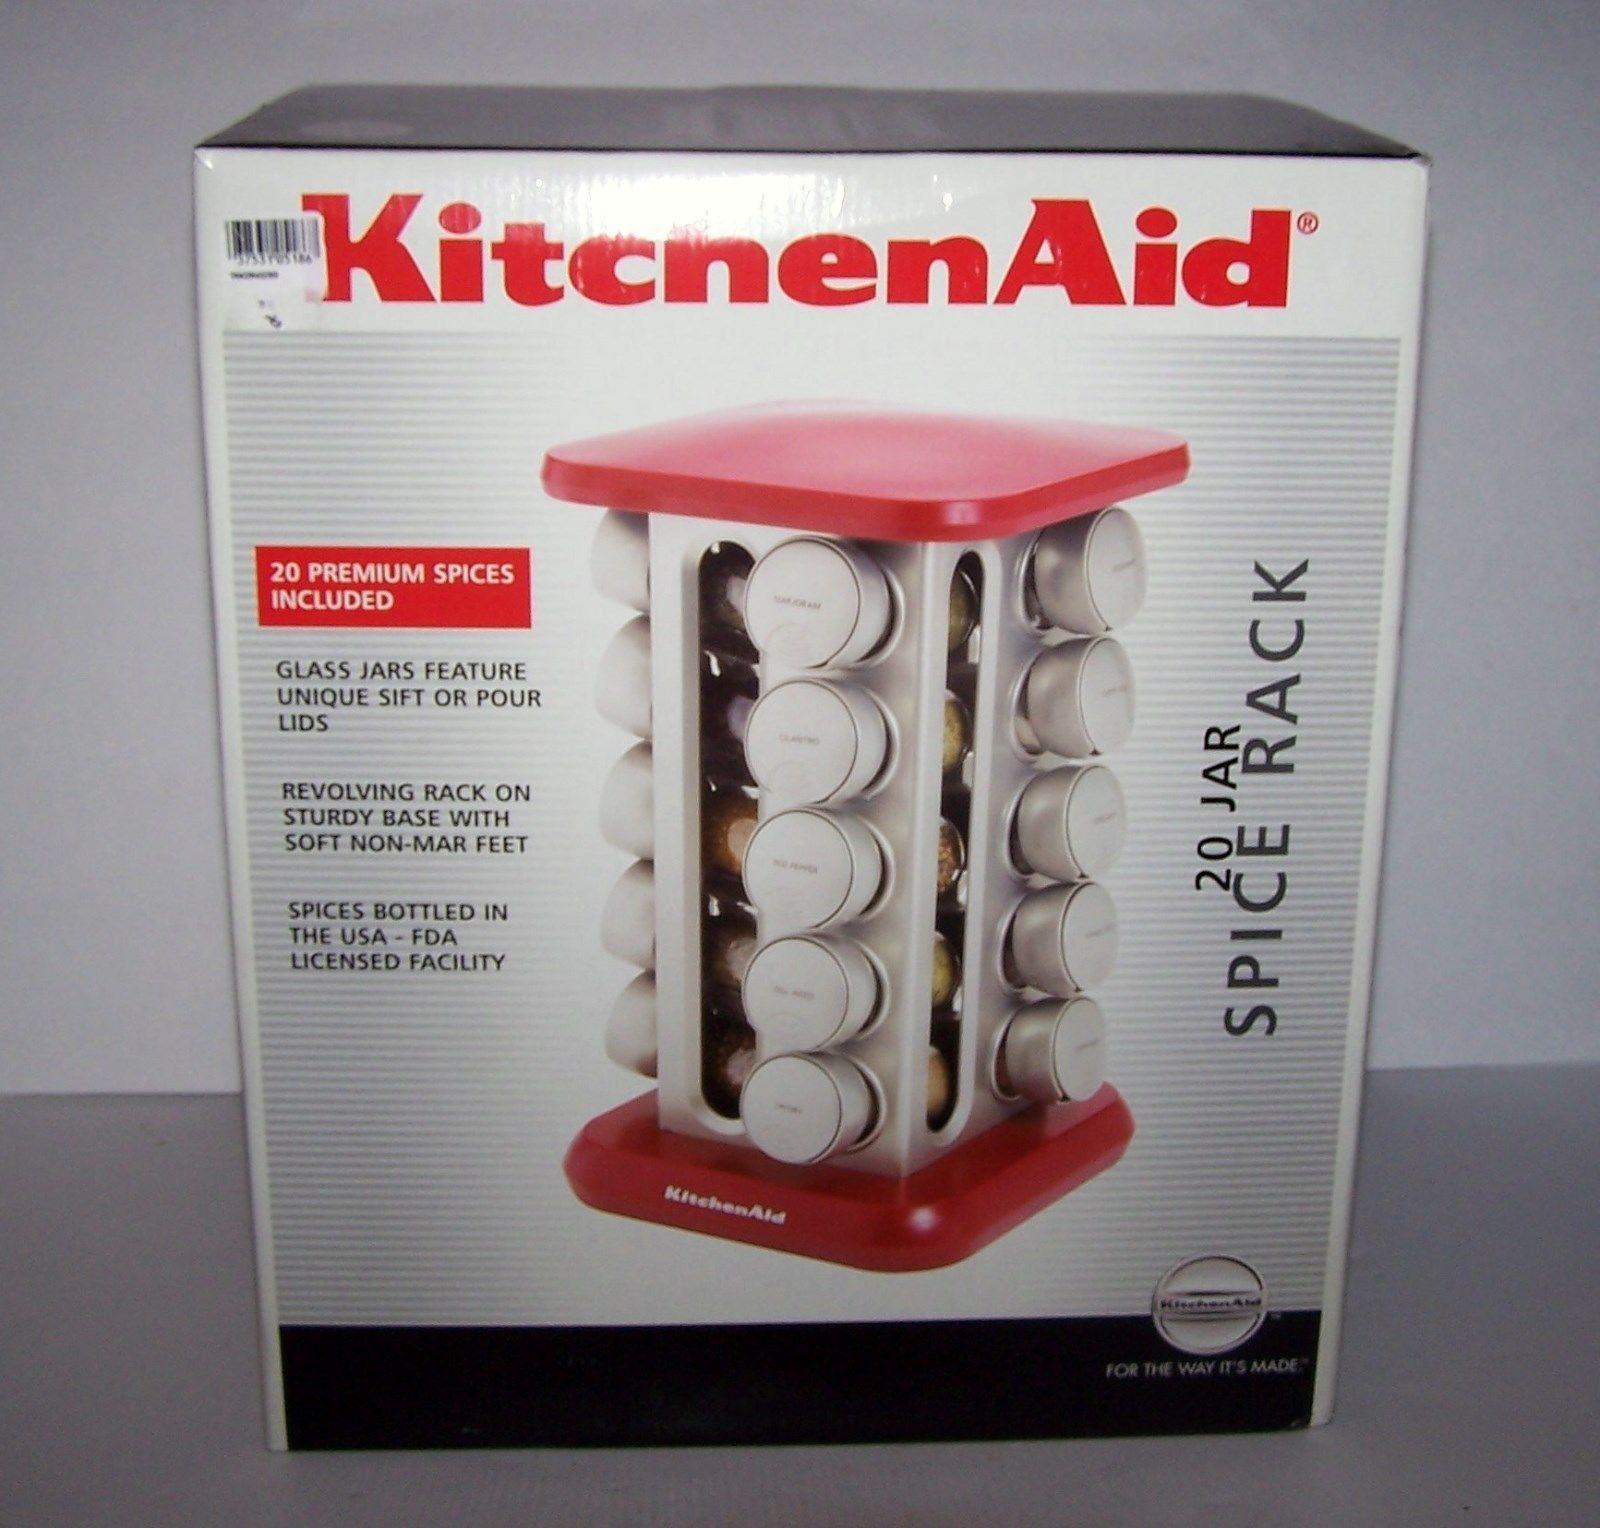 Superb KitchenAid® Revolving Spice Rack